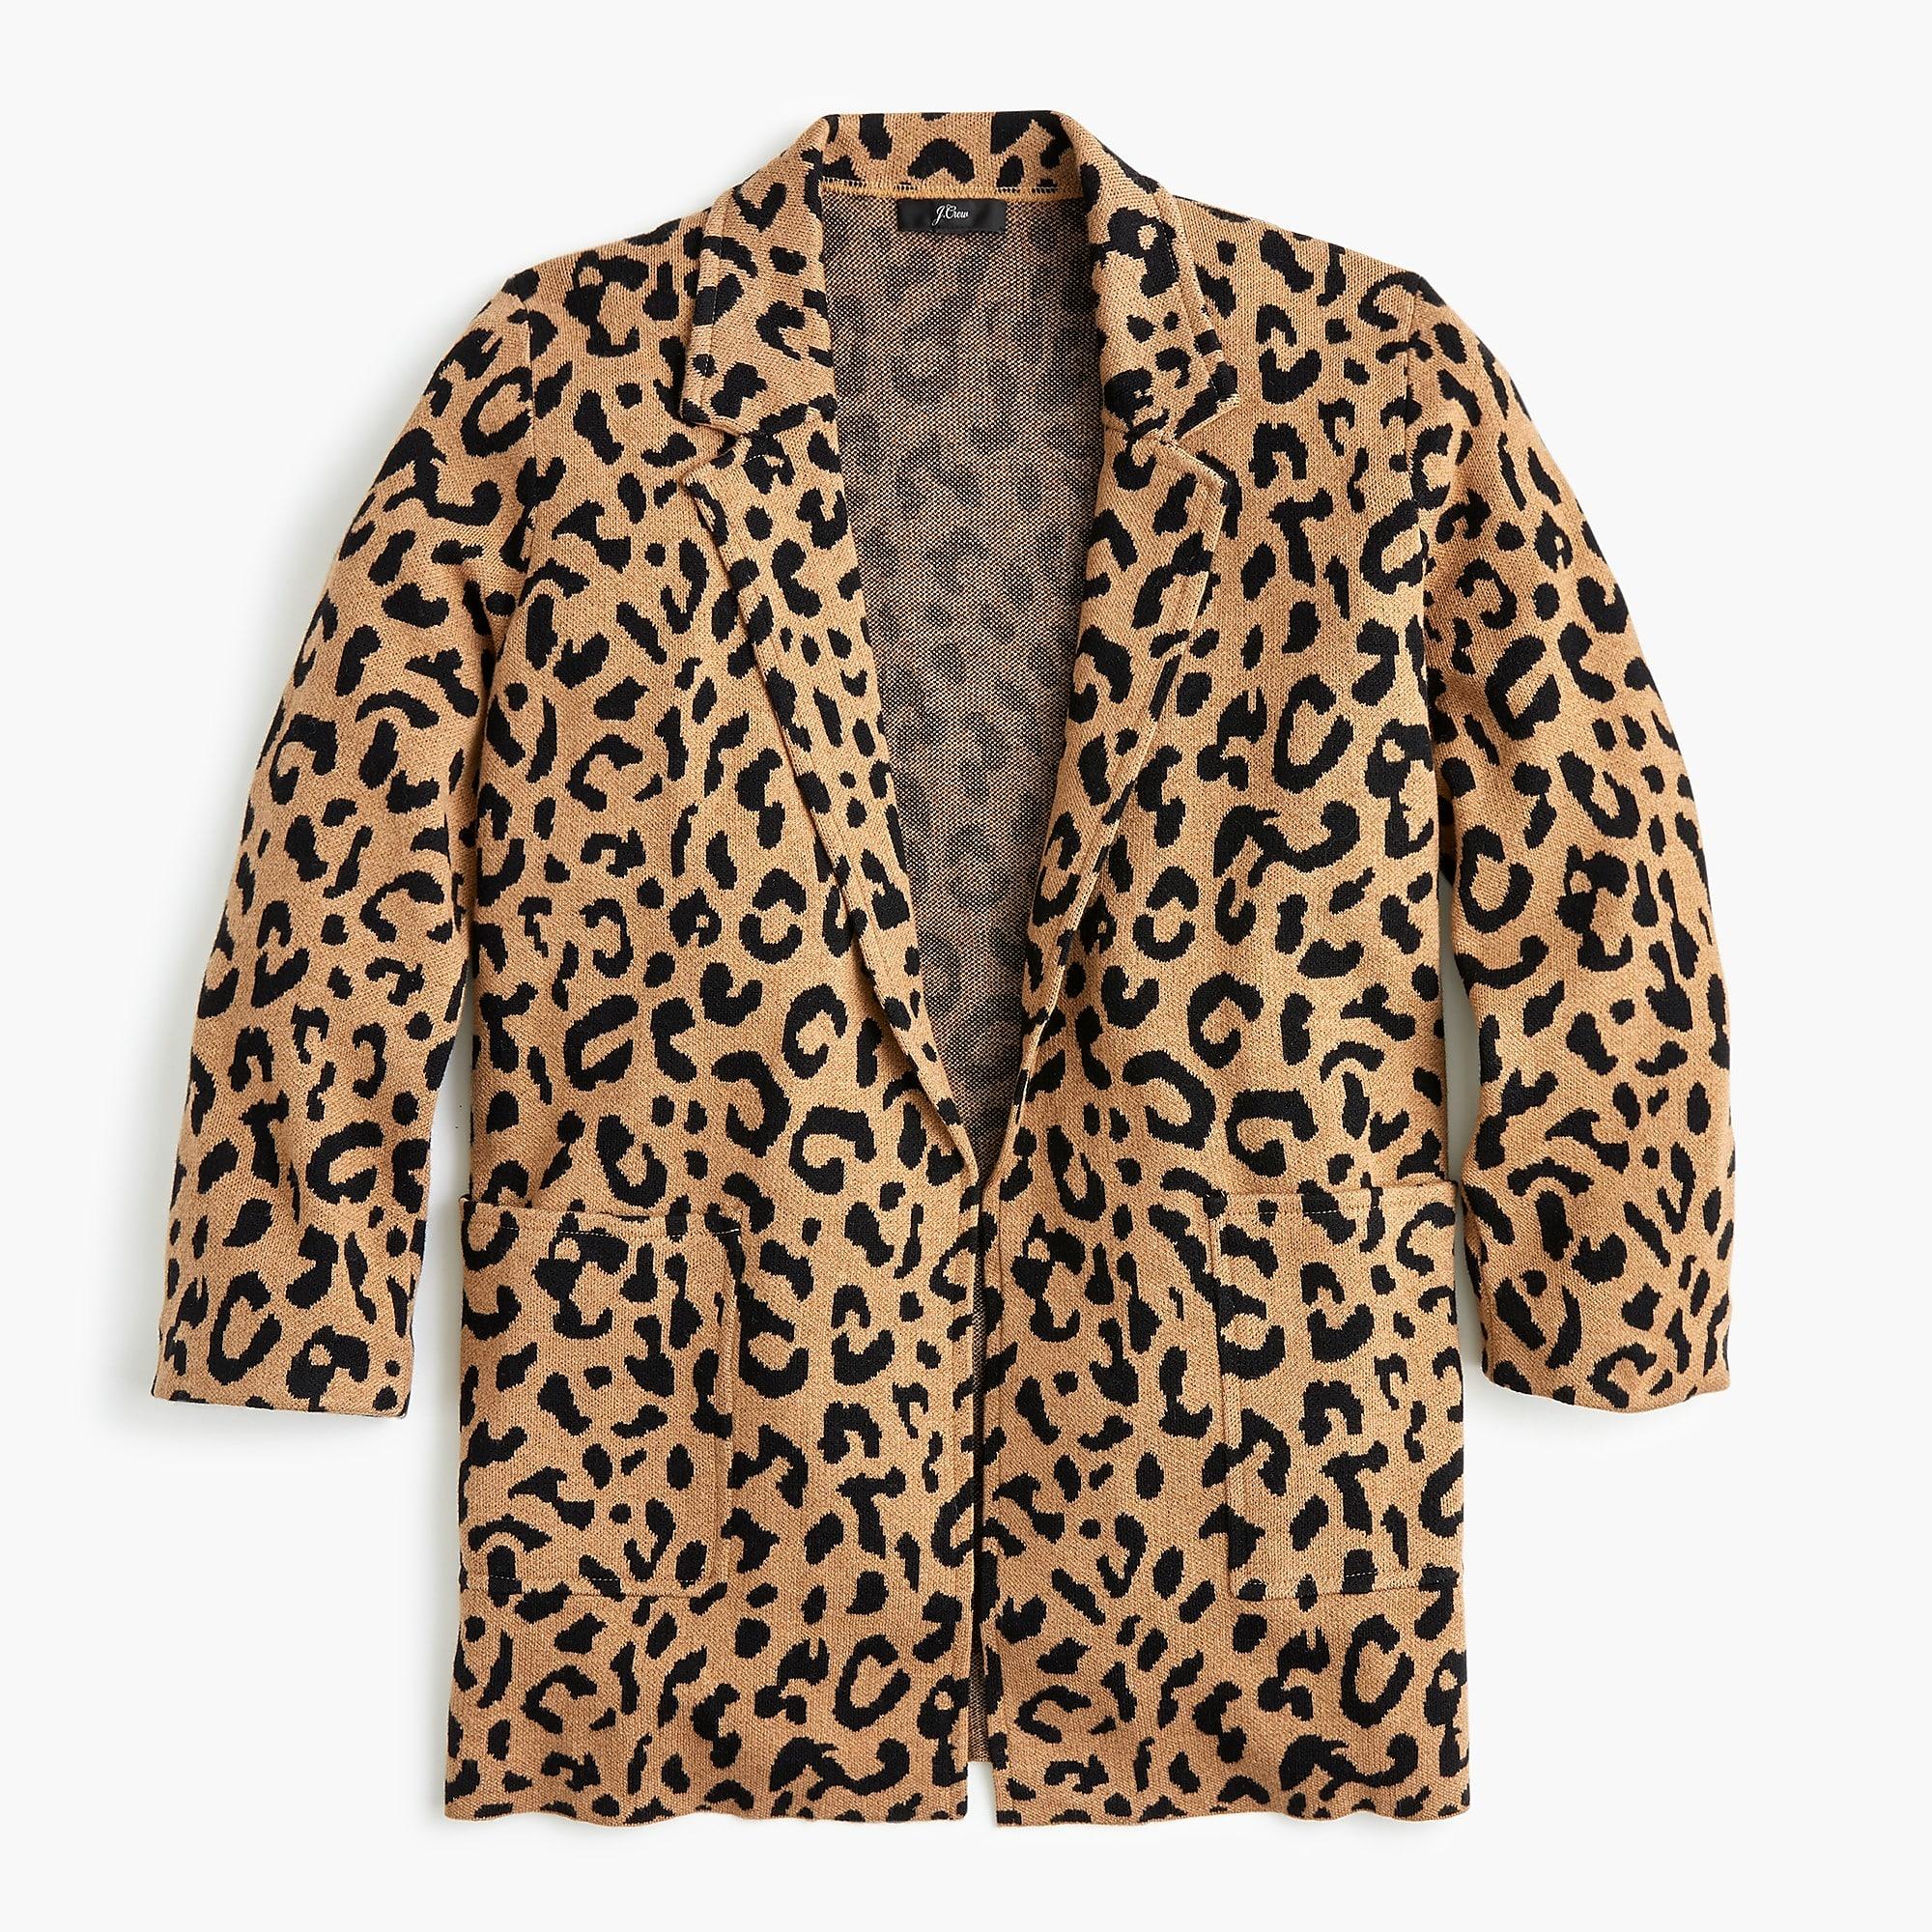 Sophie open-front sweater-blazer in leopard